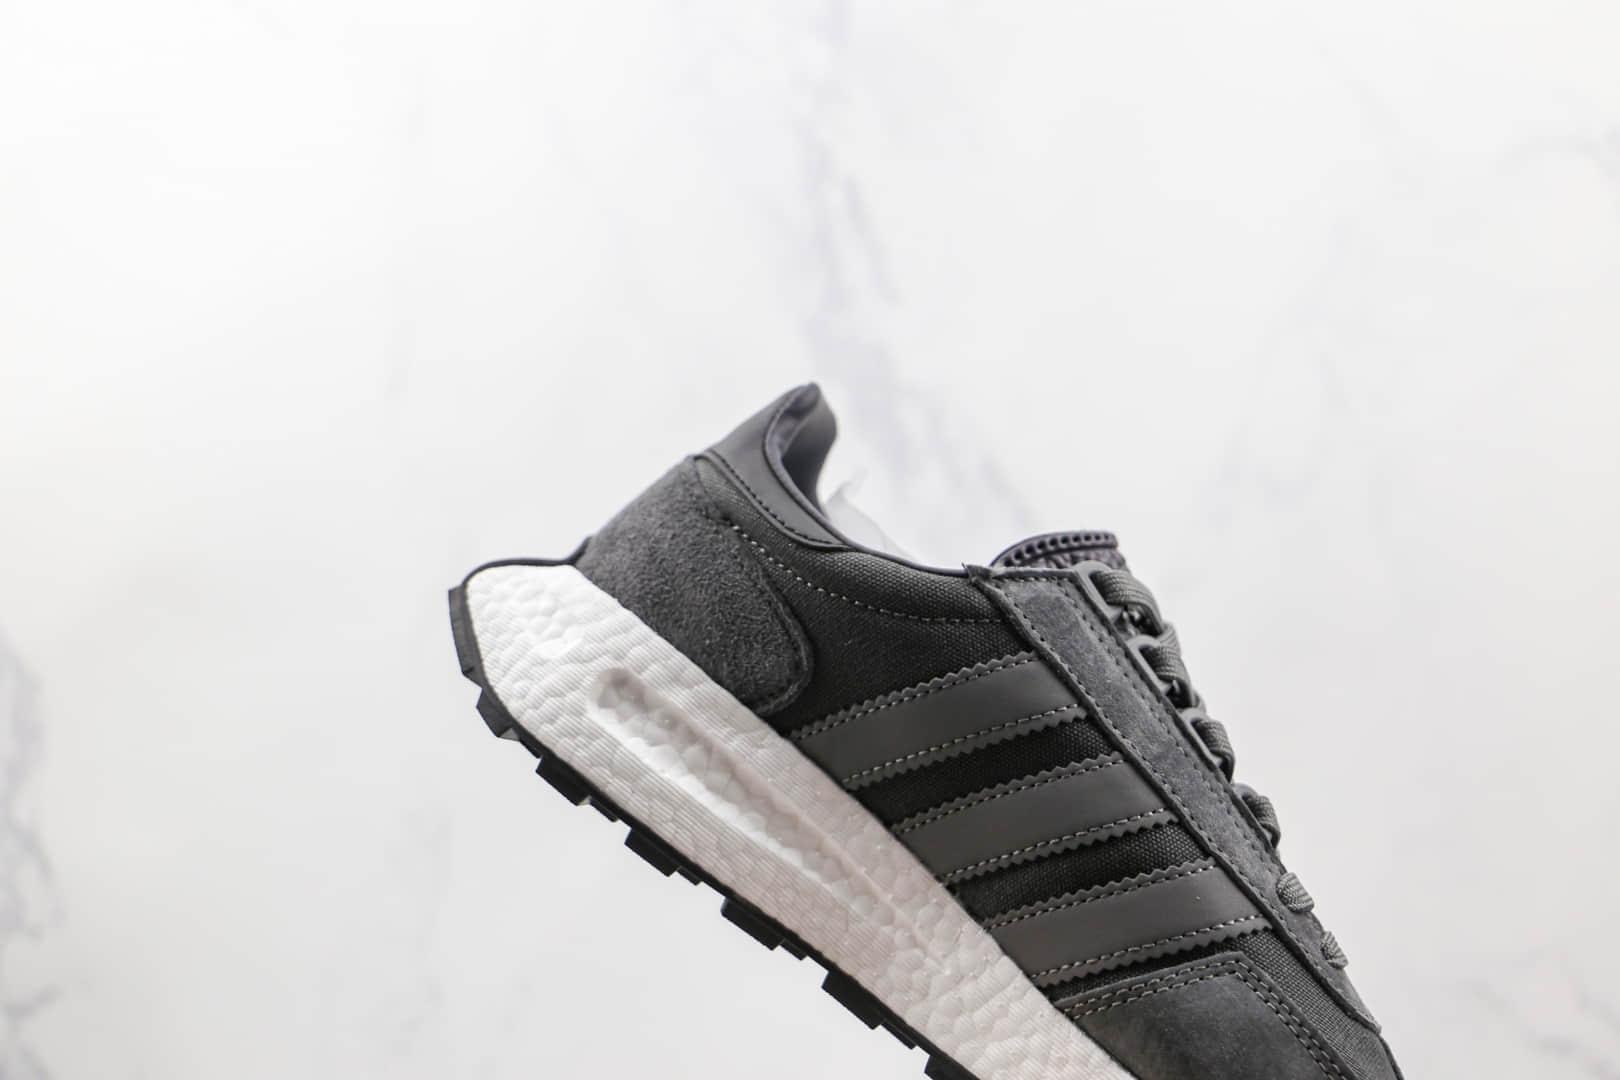 阿迪达斯Adidas RETROPY E5纯原版本黑灰色三叶草厚底爆米花跑鞋原楦头纸板打造 货号:GW2217